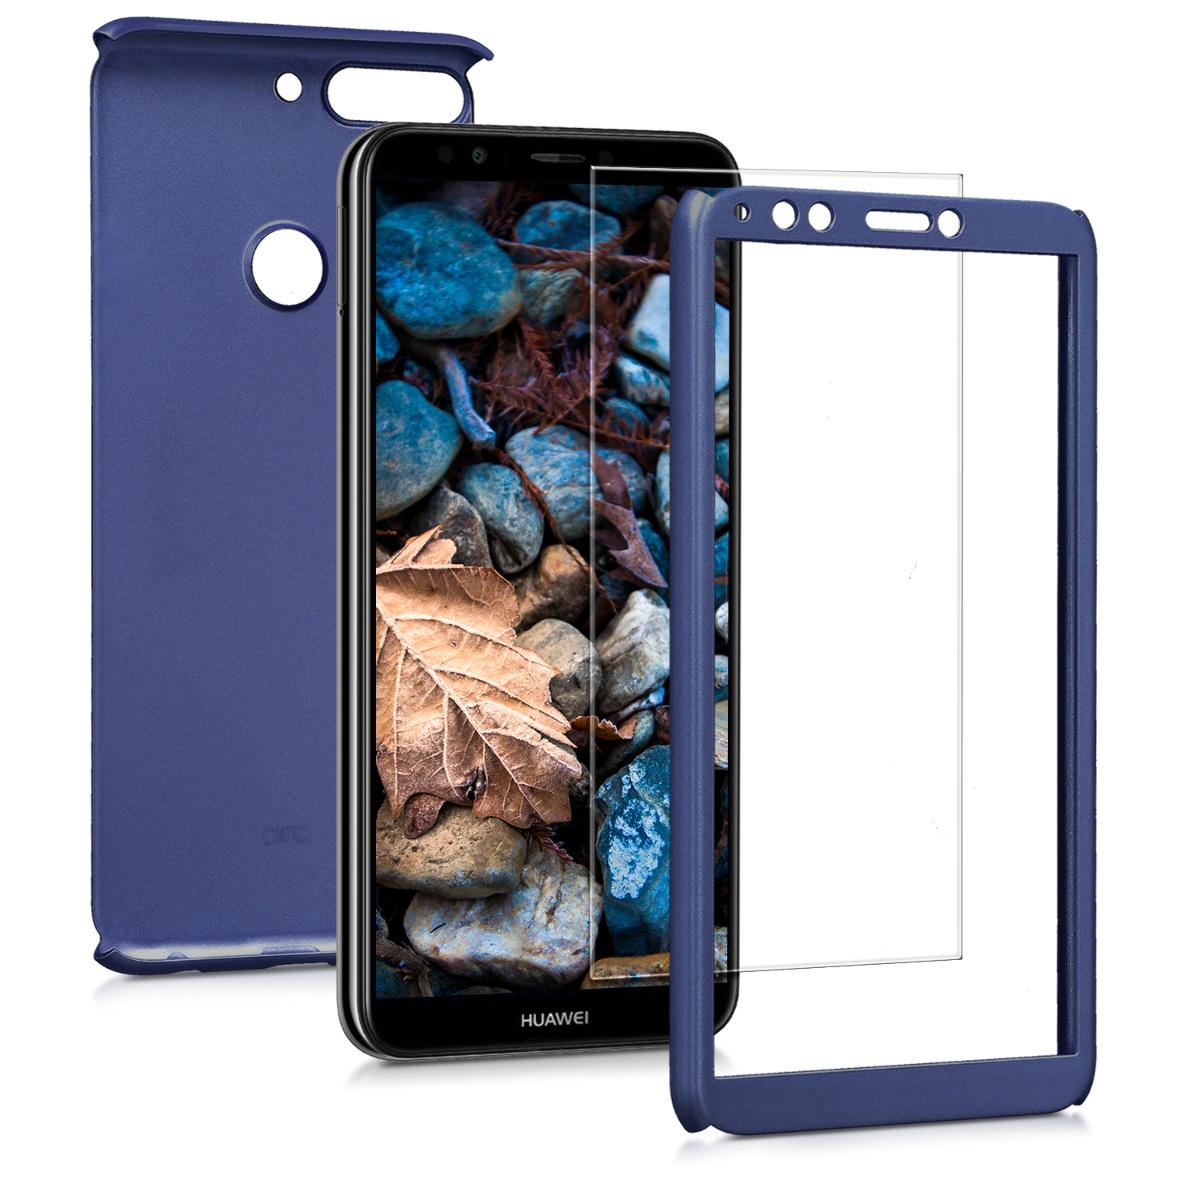 KW Θήκη Full Body για Huawei Y7 / Y7 Prime 2018 & Tempered Glass - Metallic Blue (45640.64)